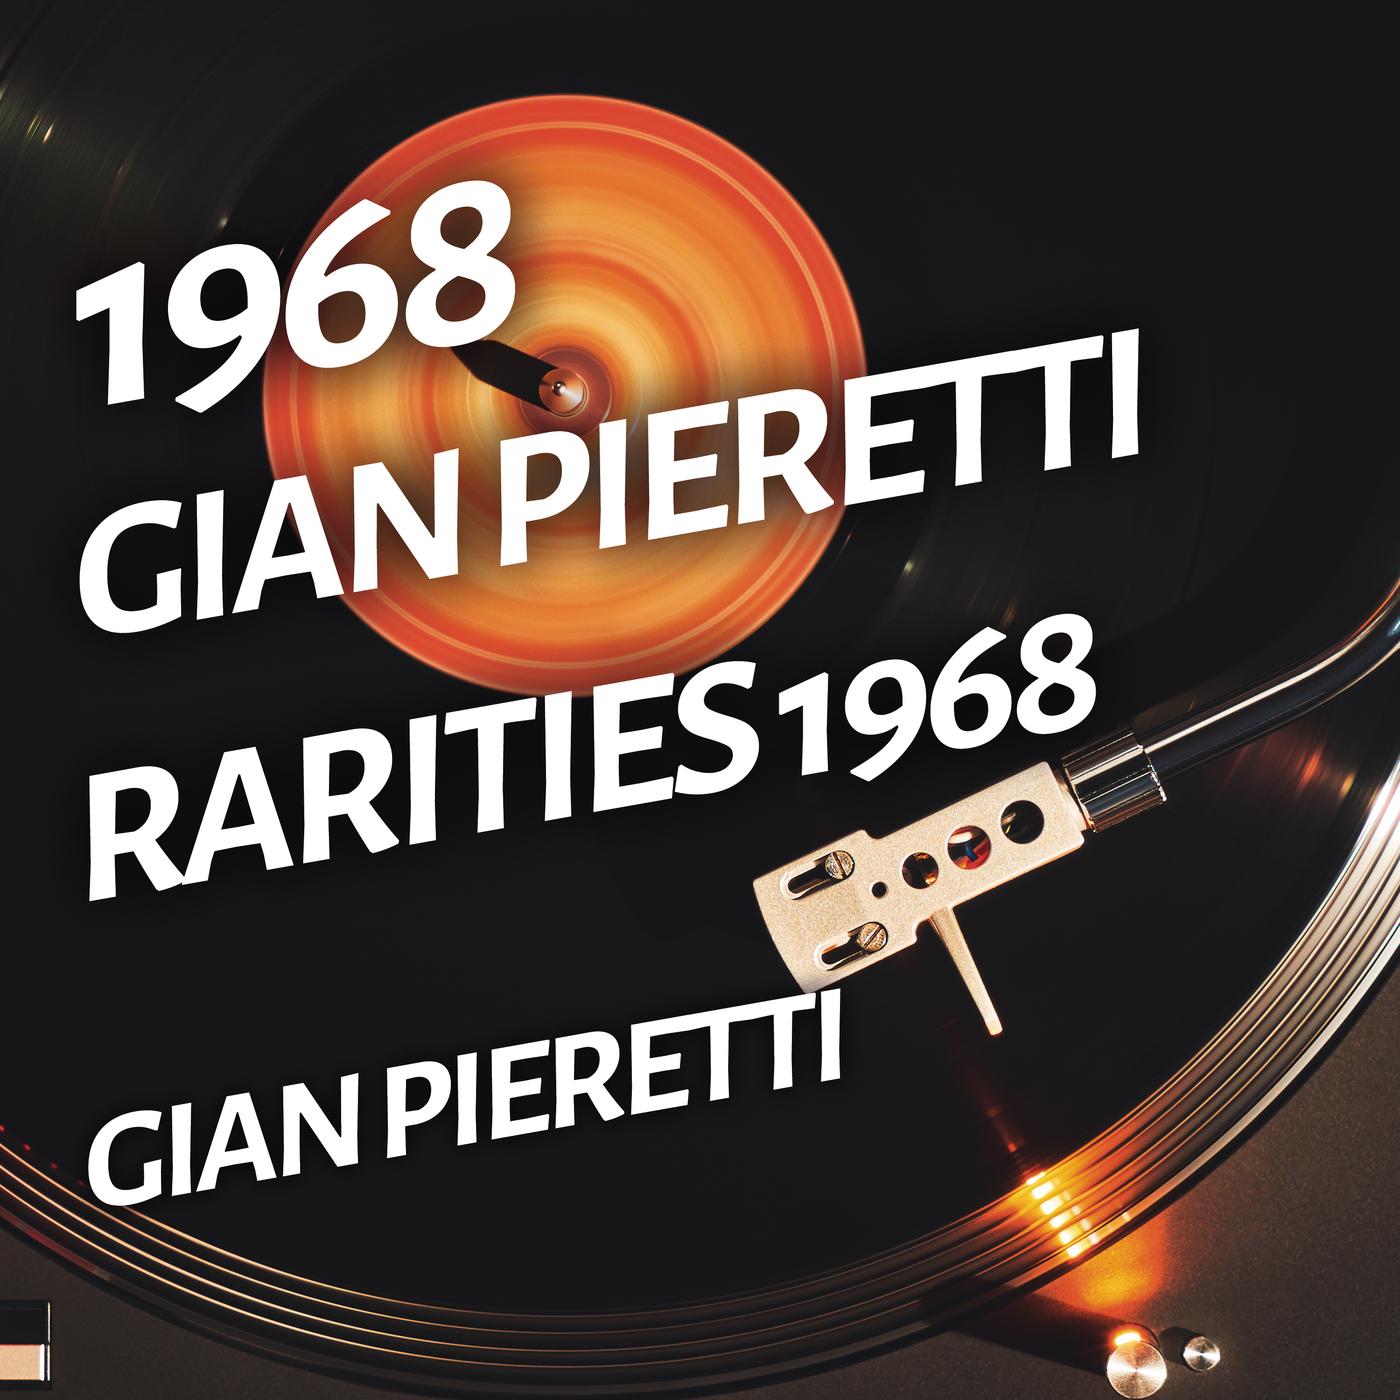 Rarities 1968 - Gian Pieretti